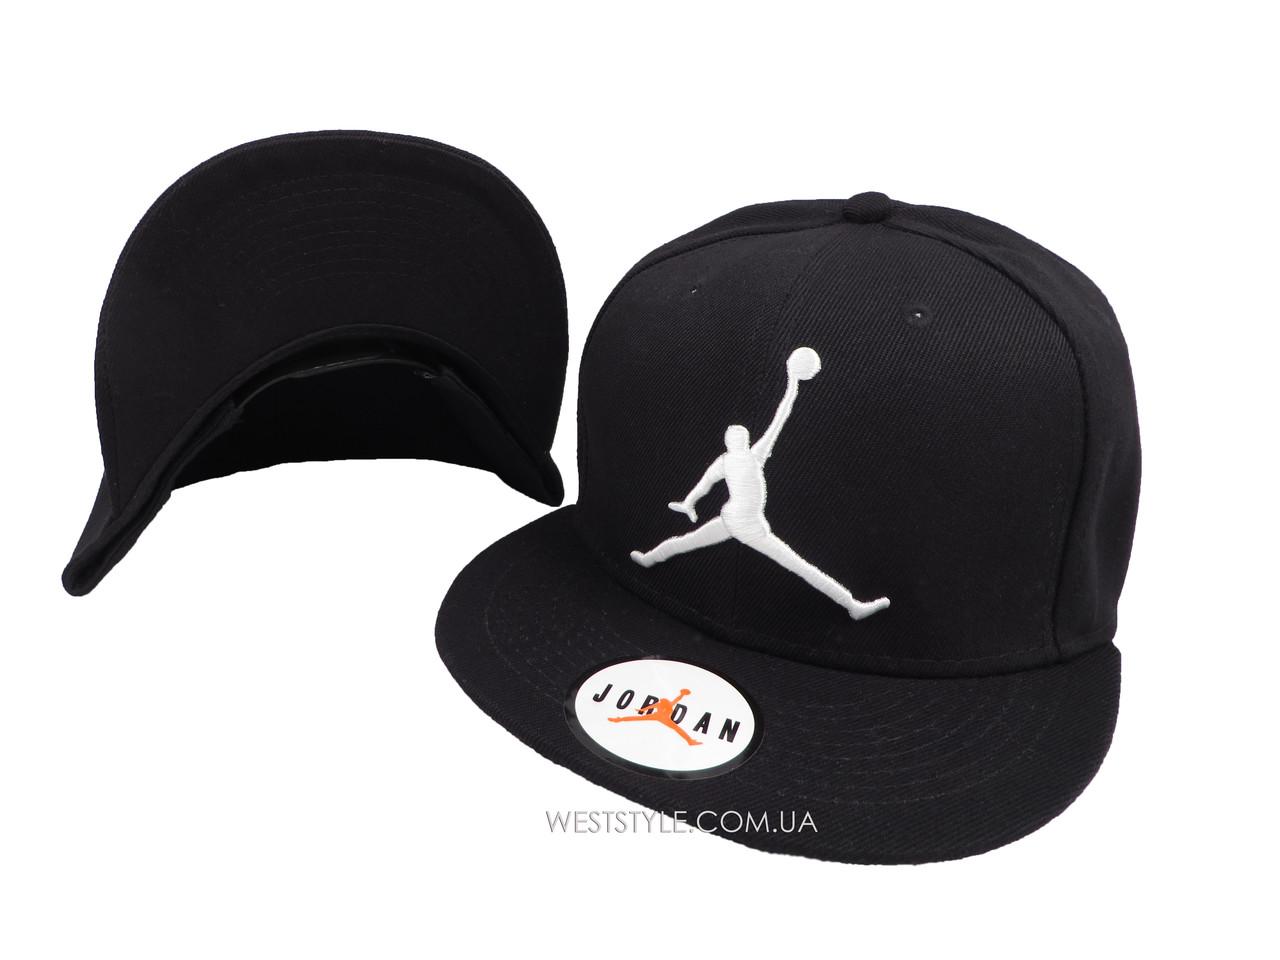 Чёрная кепка Jordan с белым логотипом (реплика)